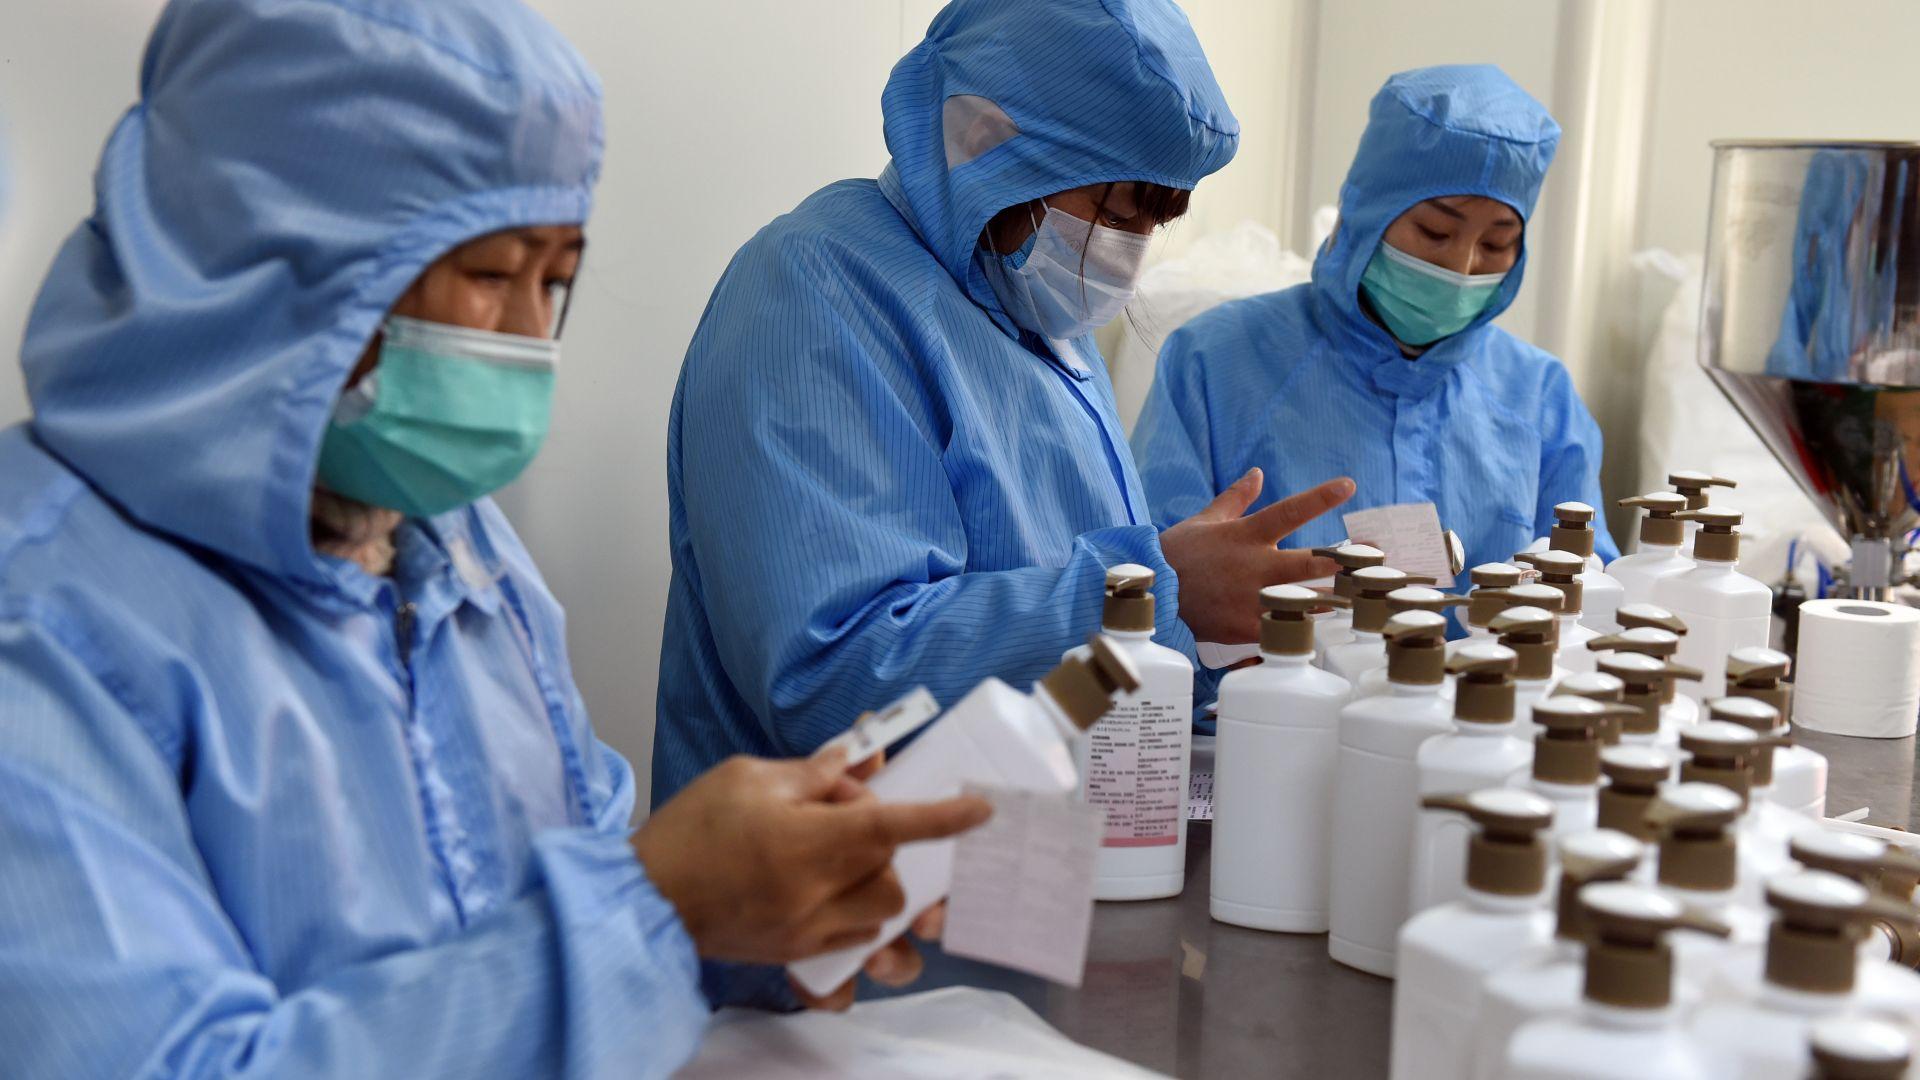 Техника с преливане на плазма се оказа ефективна при лечение на коронавируса